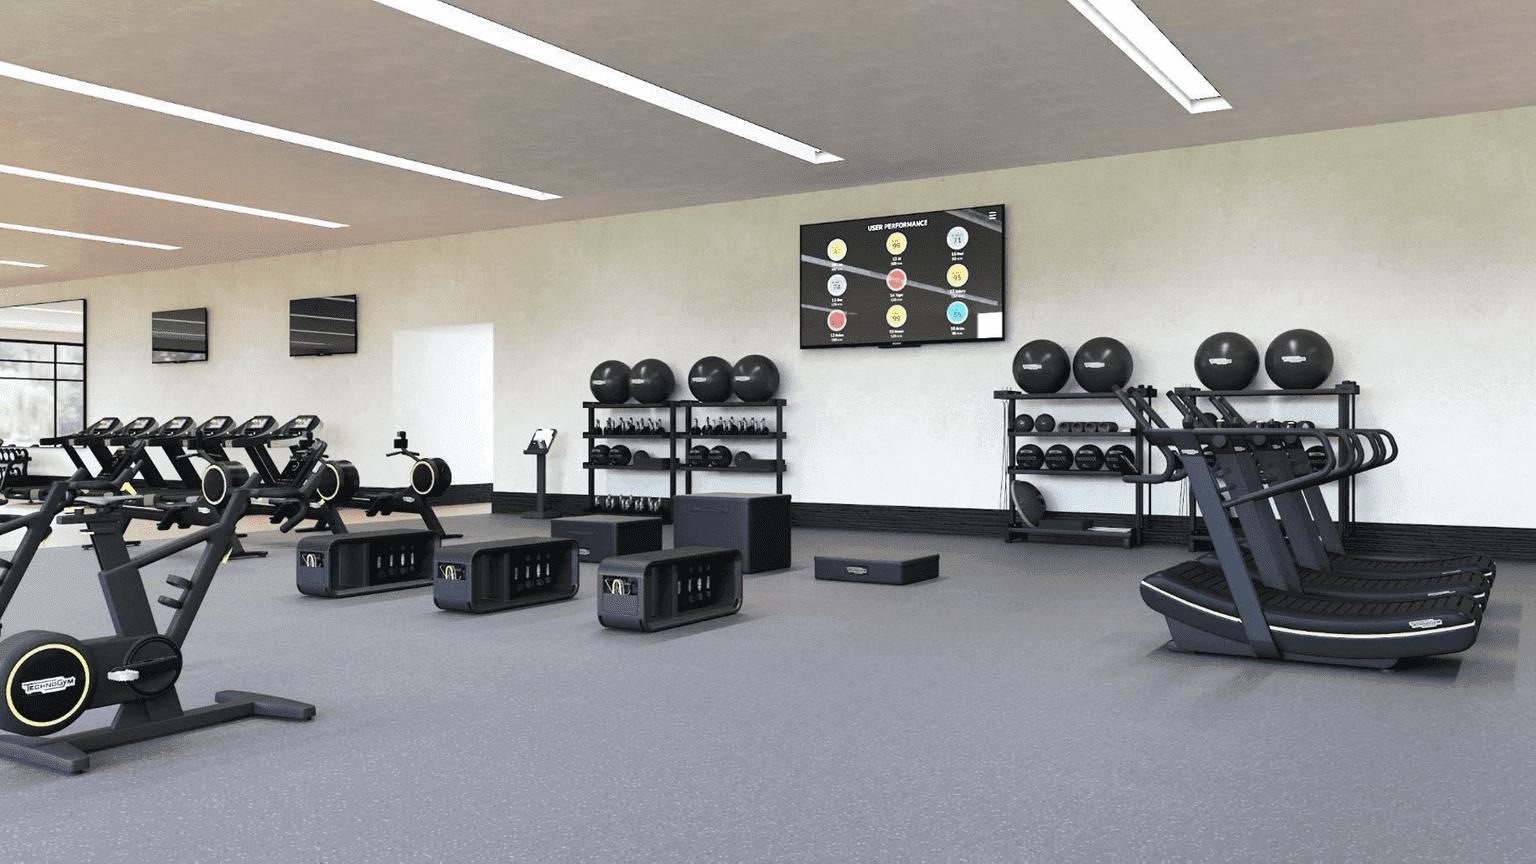 Hva bør man se etter når man velger treningsutstyr?